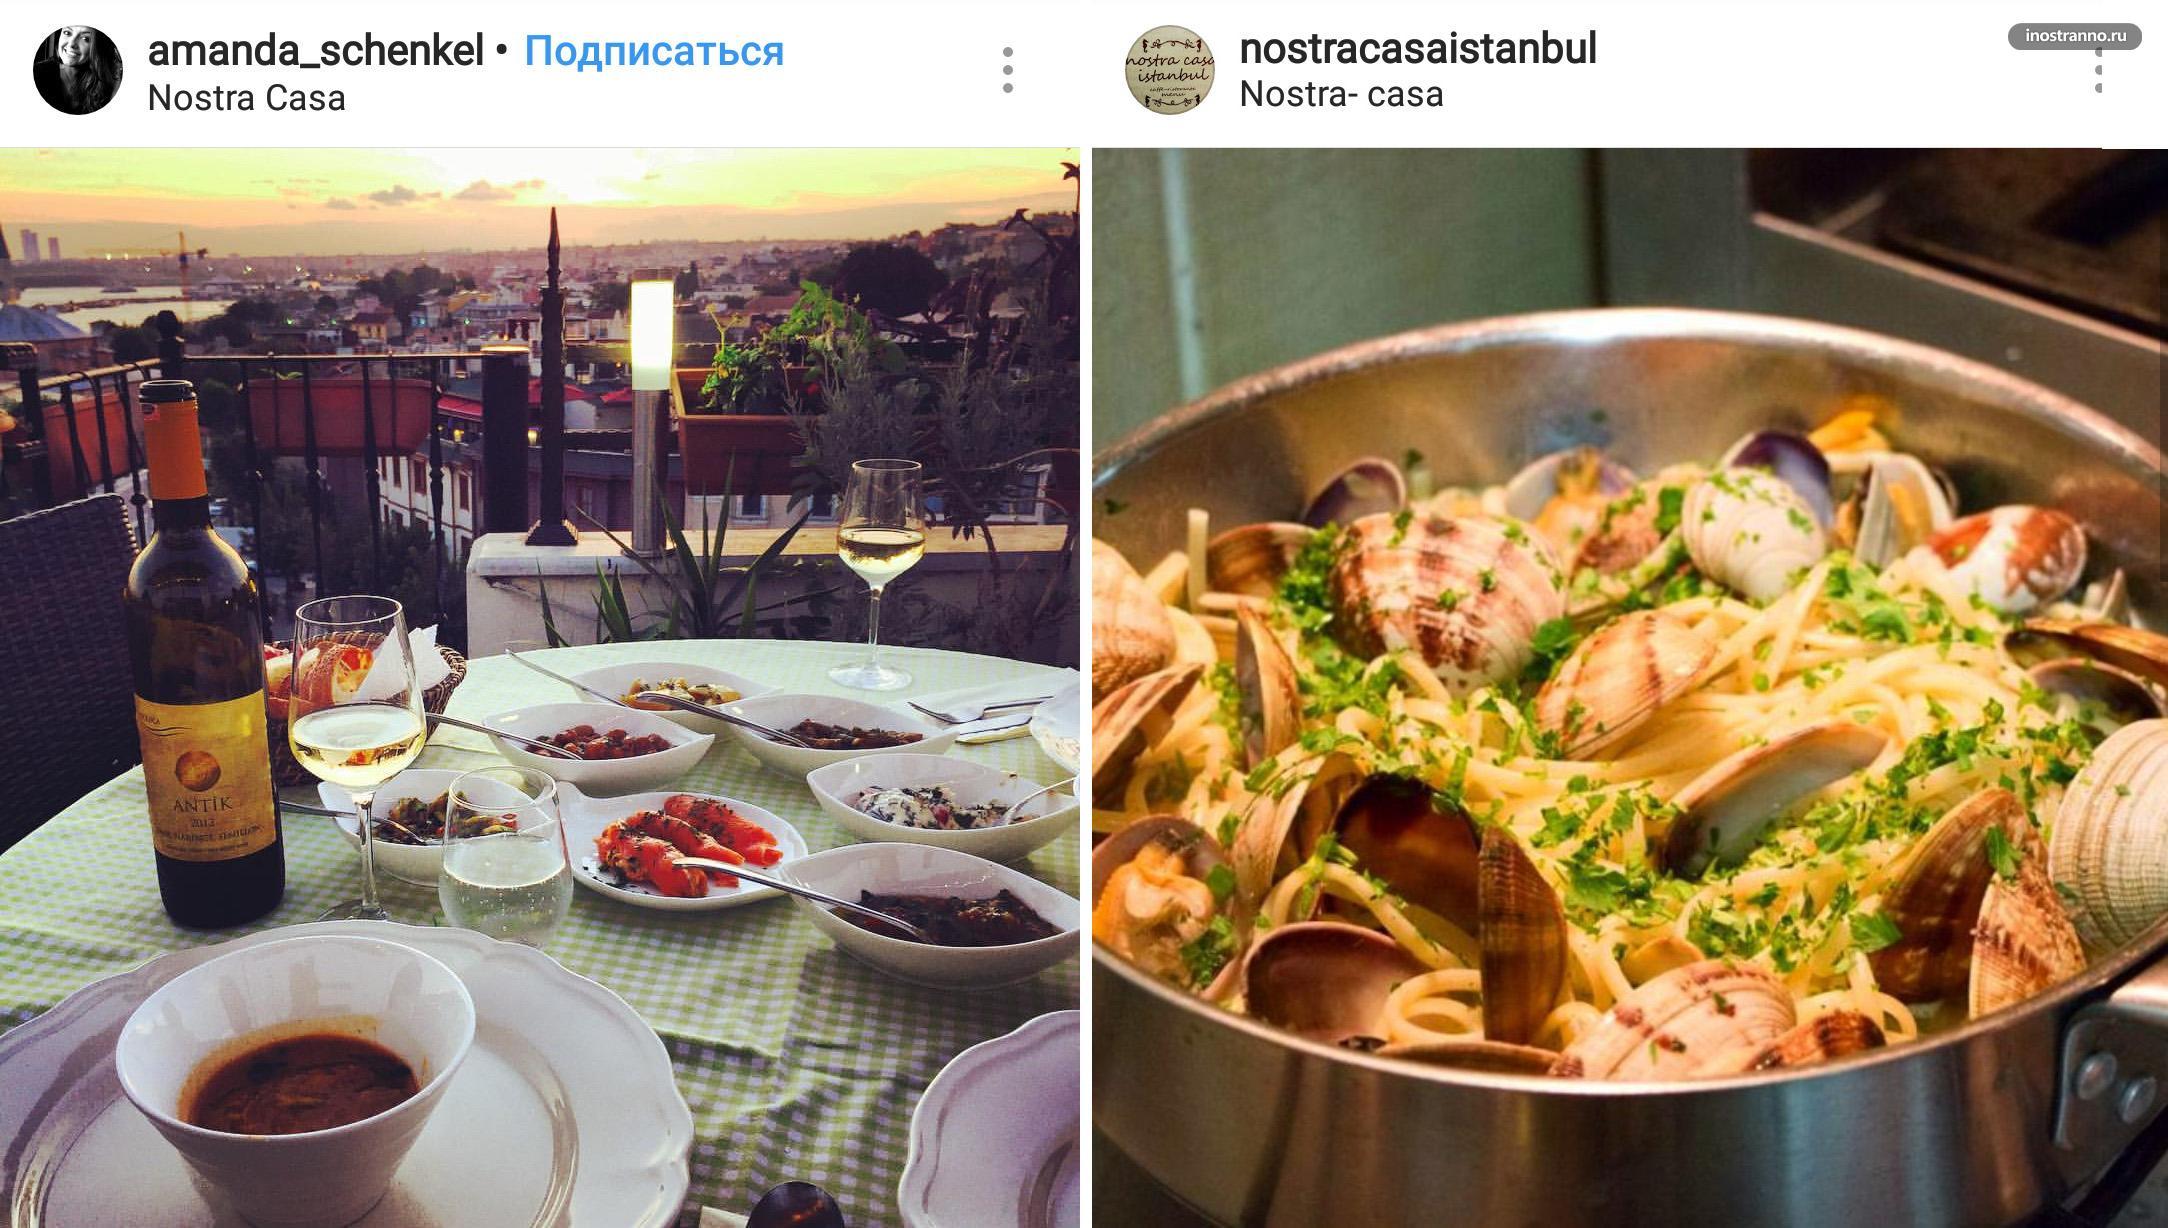 Nostra Casa итальянский ресторан в Стамбуле